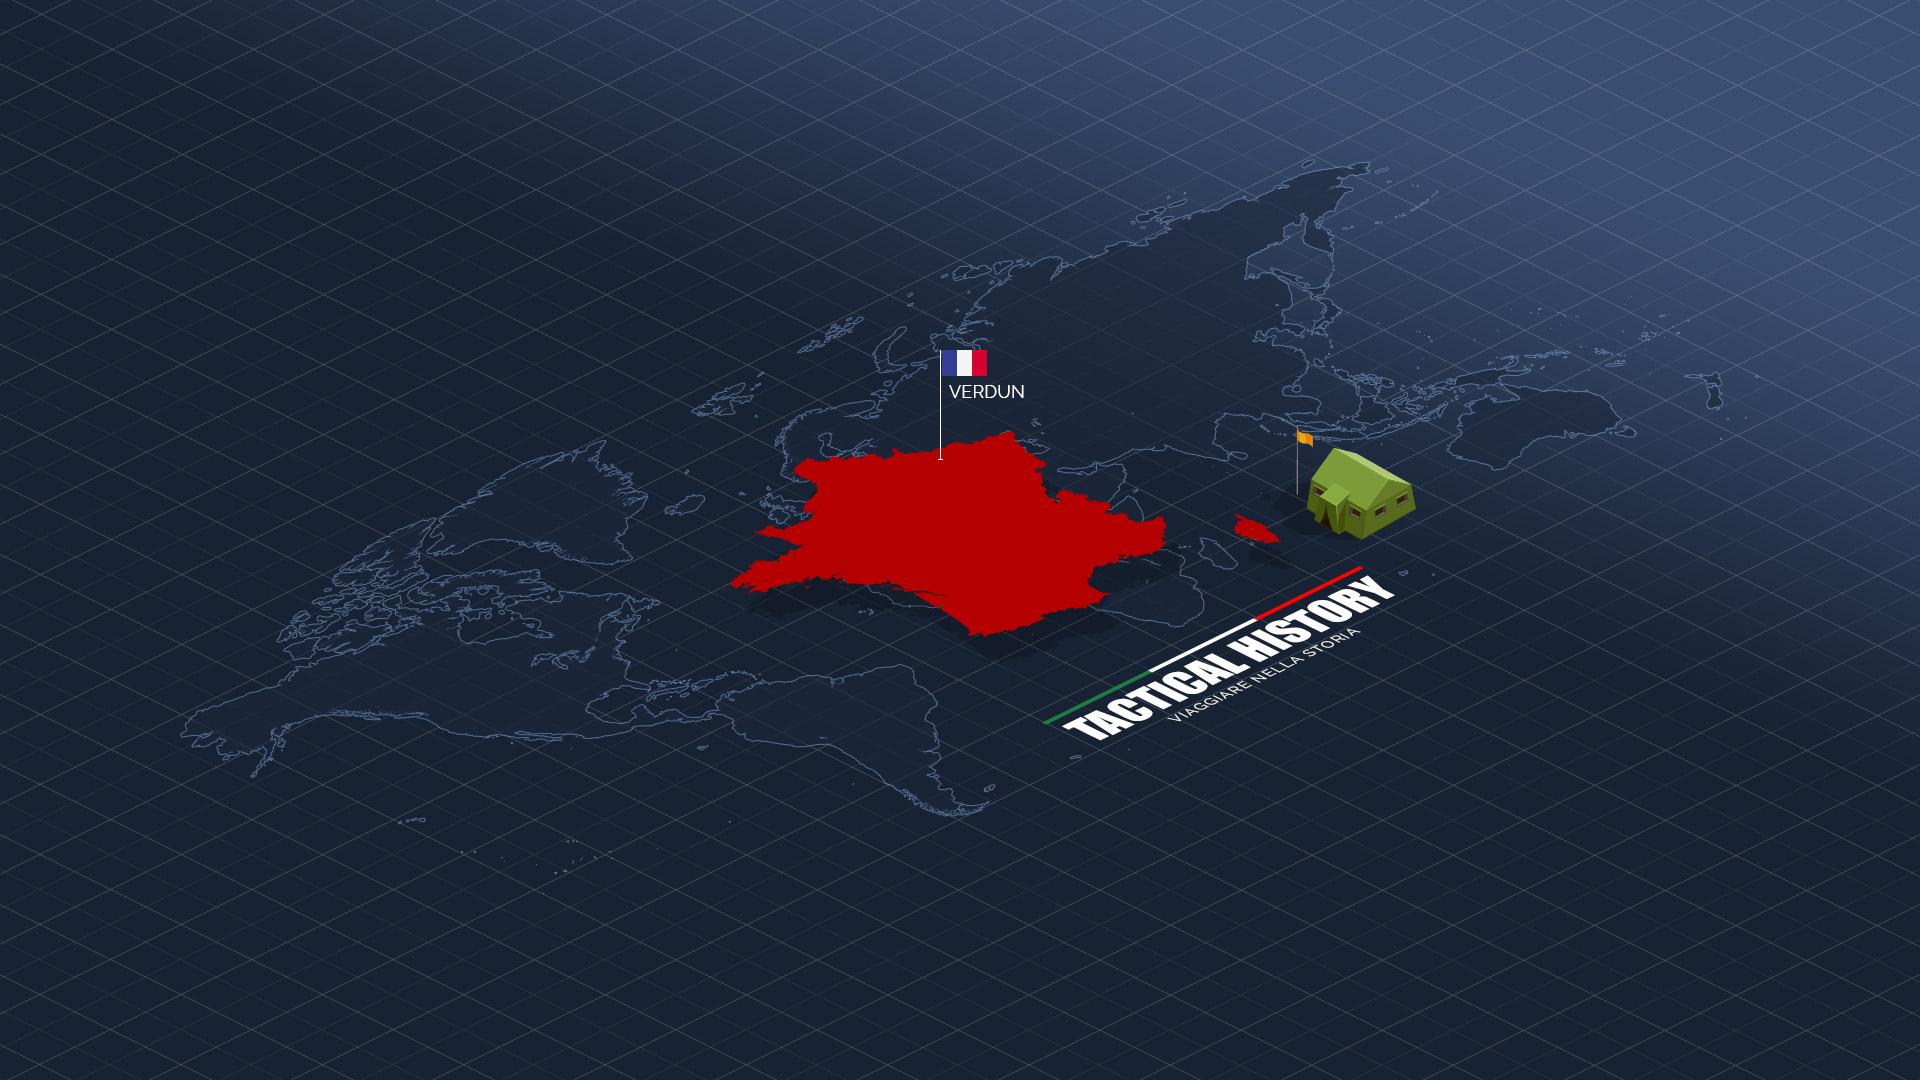 Tour storico a Verdun